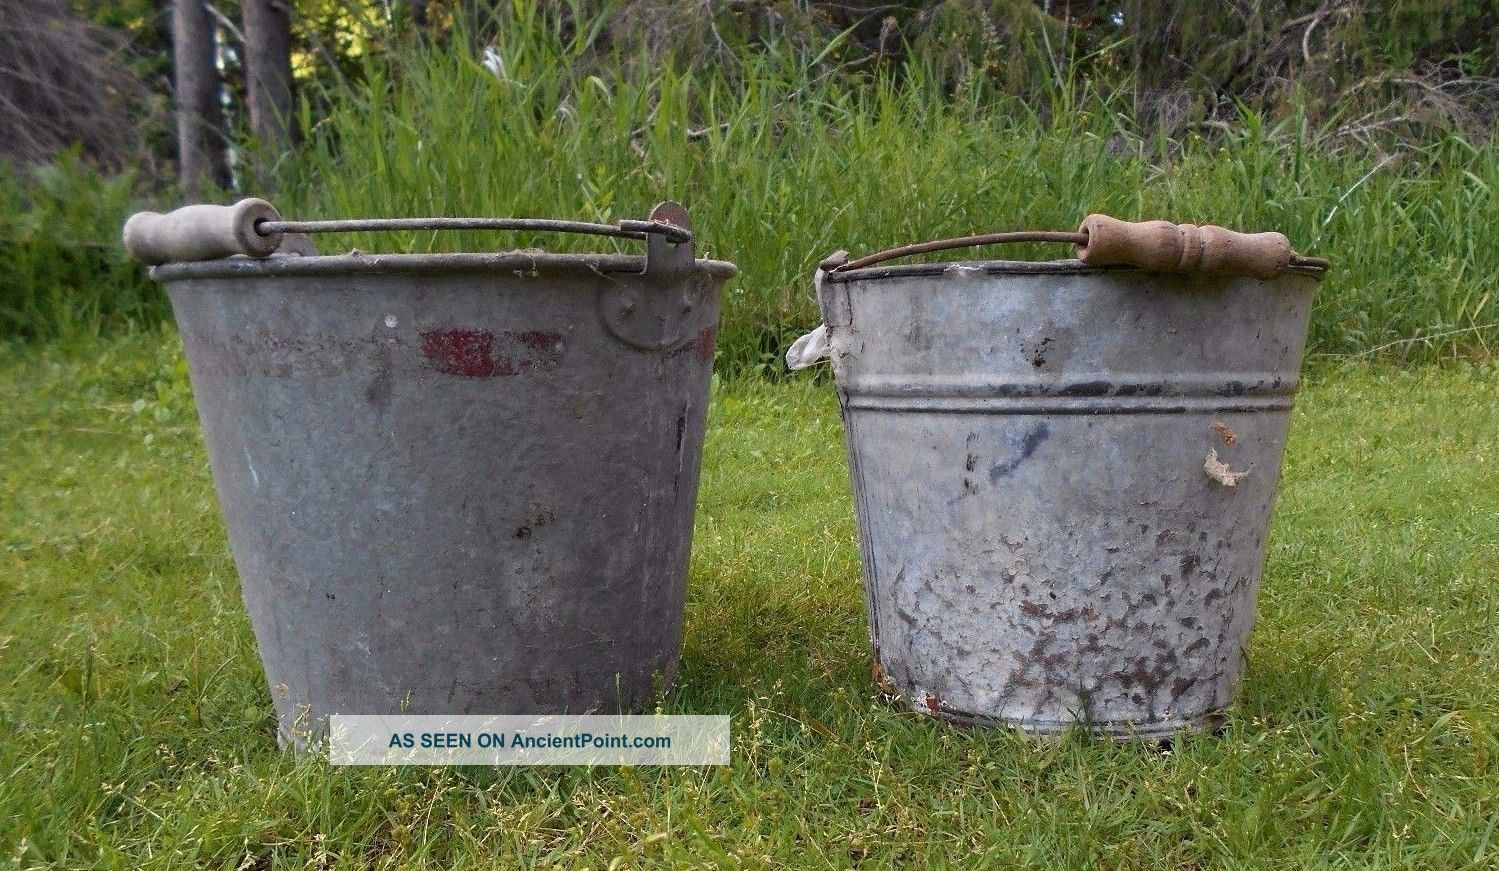 2 Vintage Primitive Galvanized Metal Pail Bucket Antique,  Planter Wood Handle Primitives photo